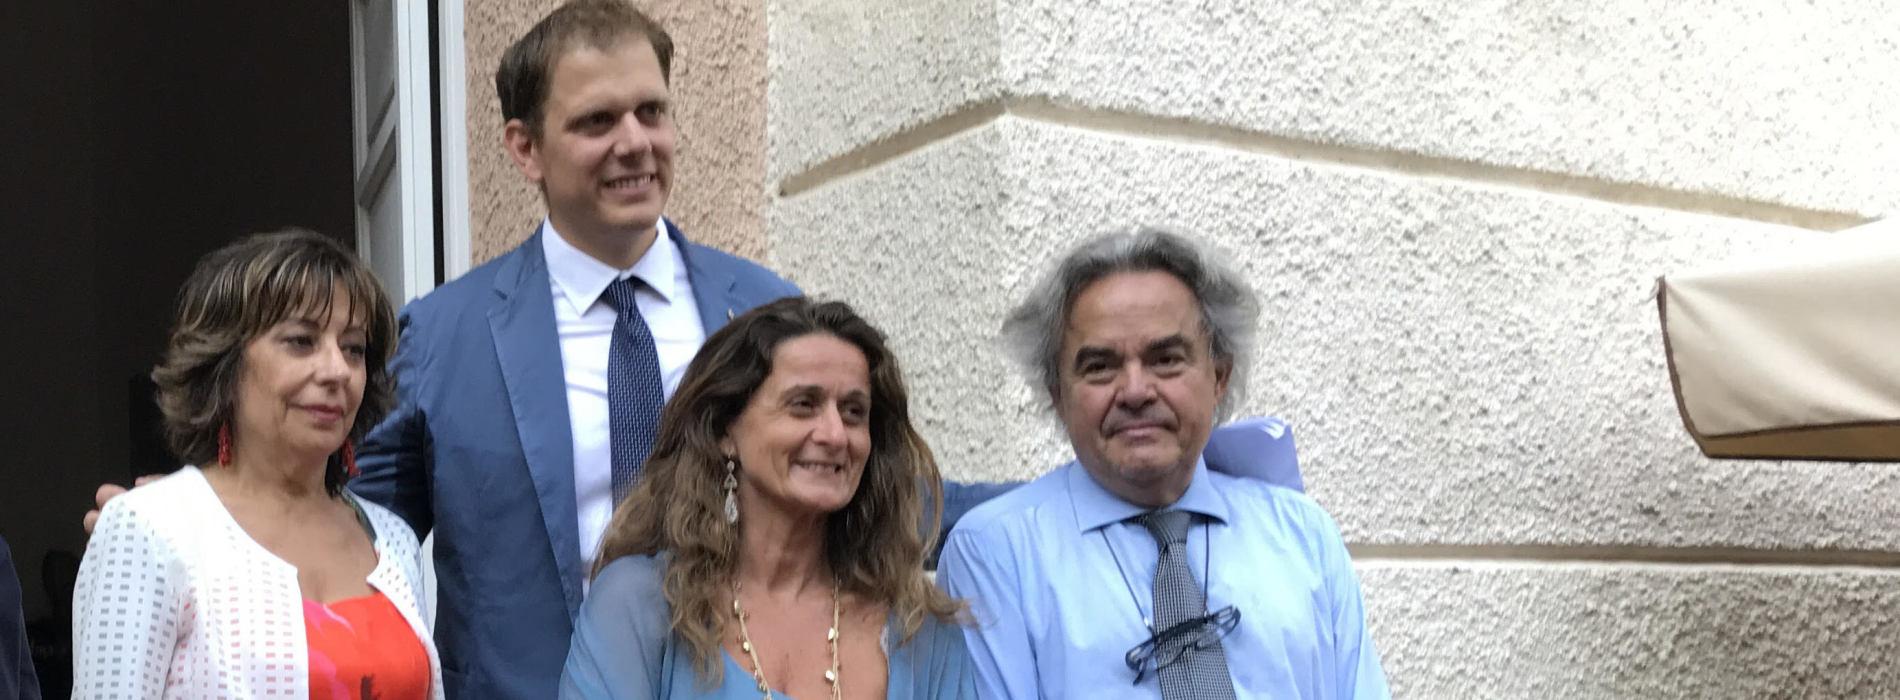 Nasce AmaRè, il liquore della Reggia targato Andrea Petrone